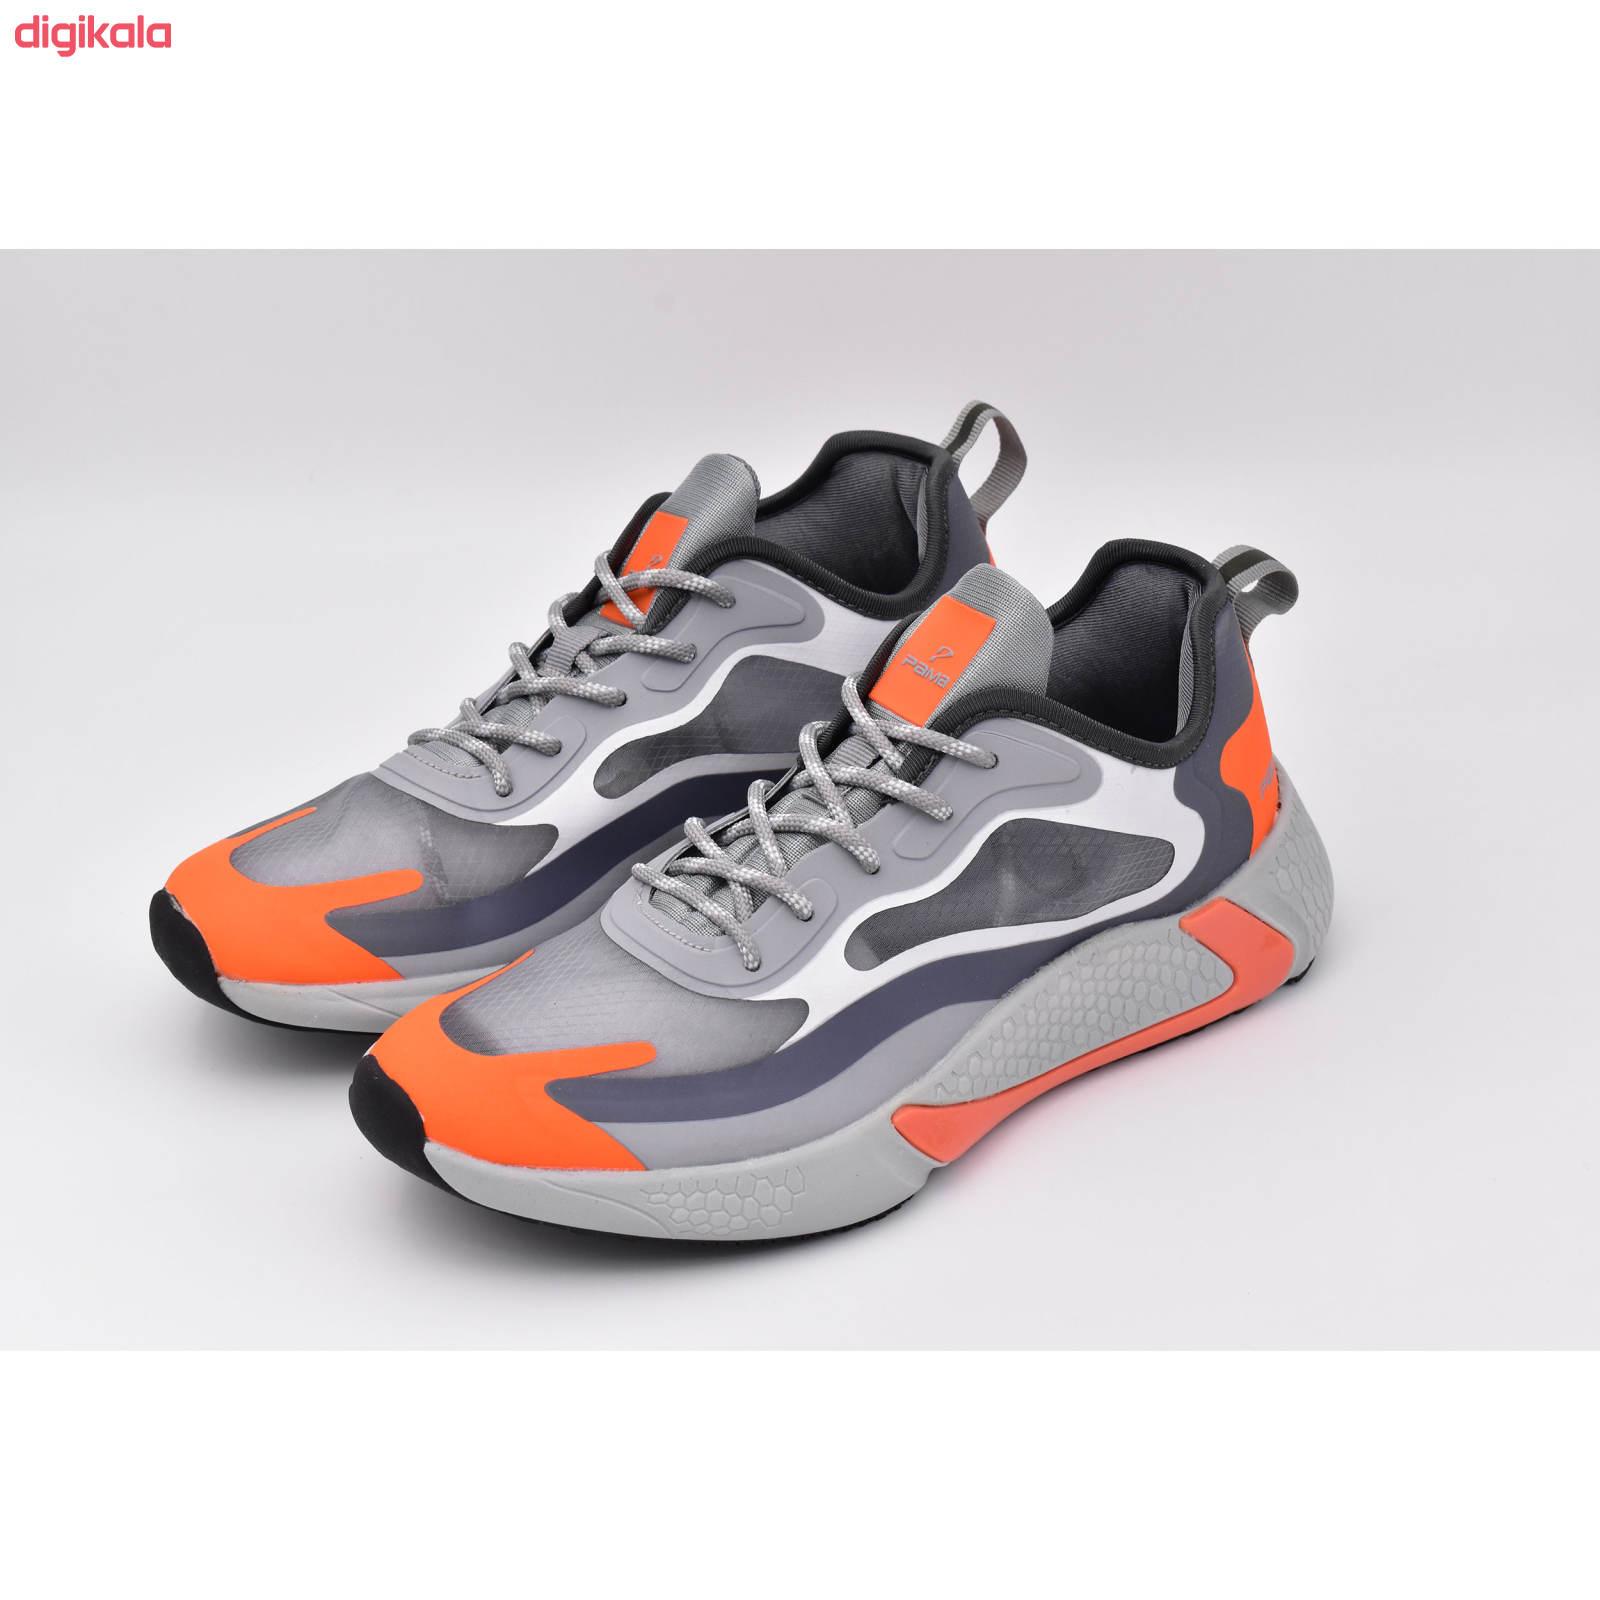 کفش پیاده روی مردانه پاما مدل ساموئل کد G1421 main 1 3